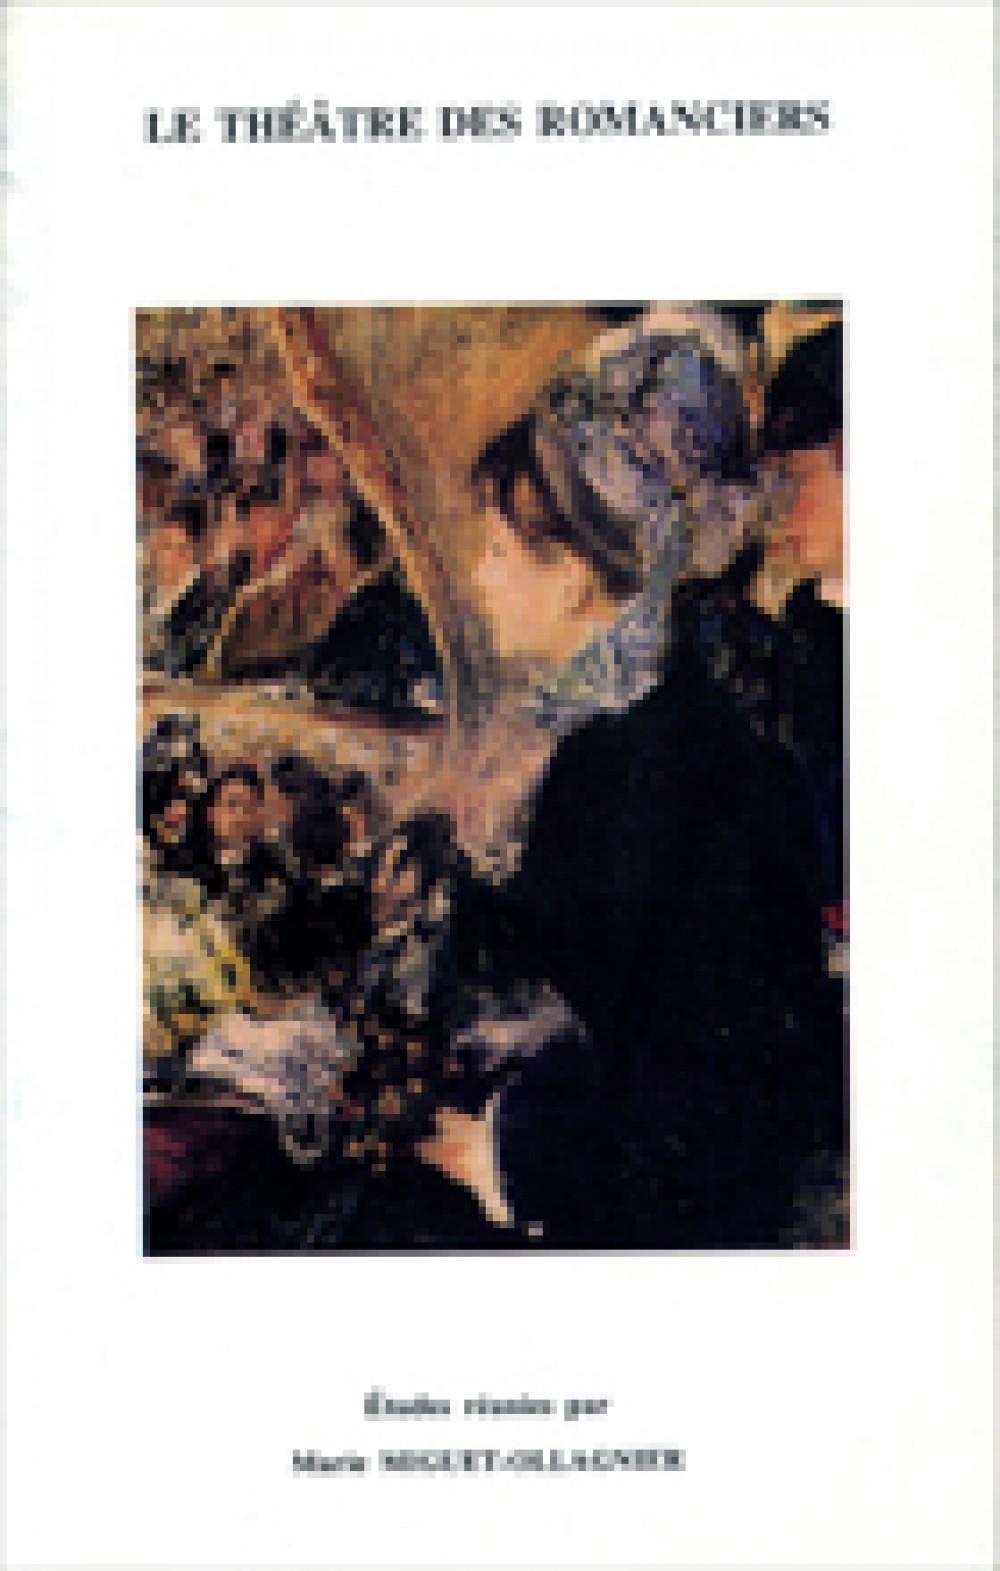 Le théâtre des romanciers